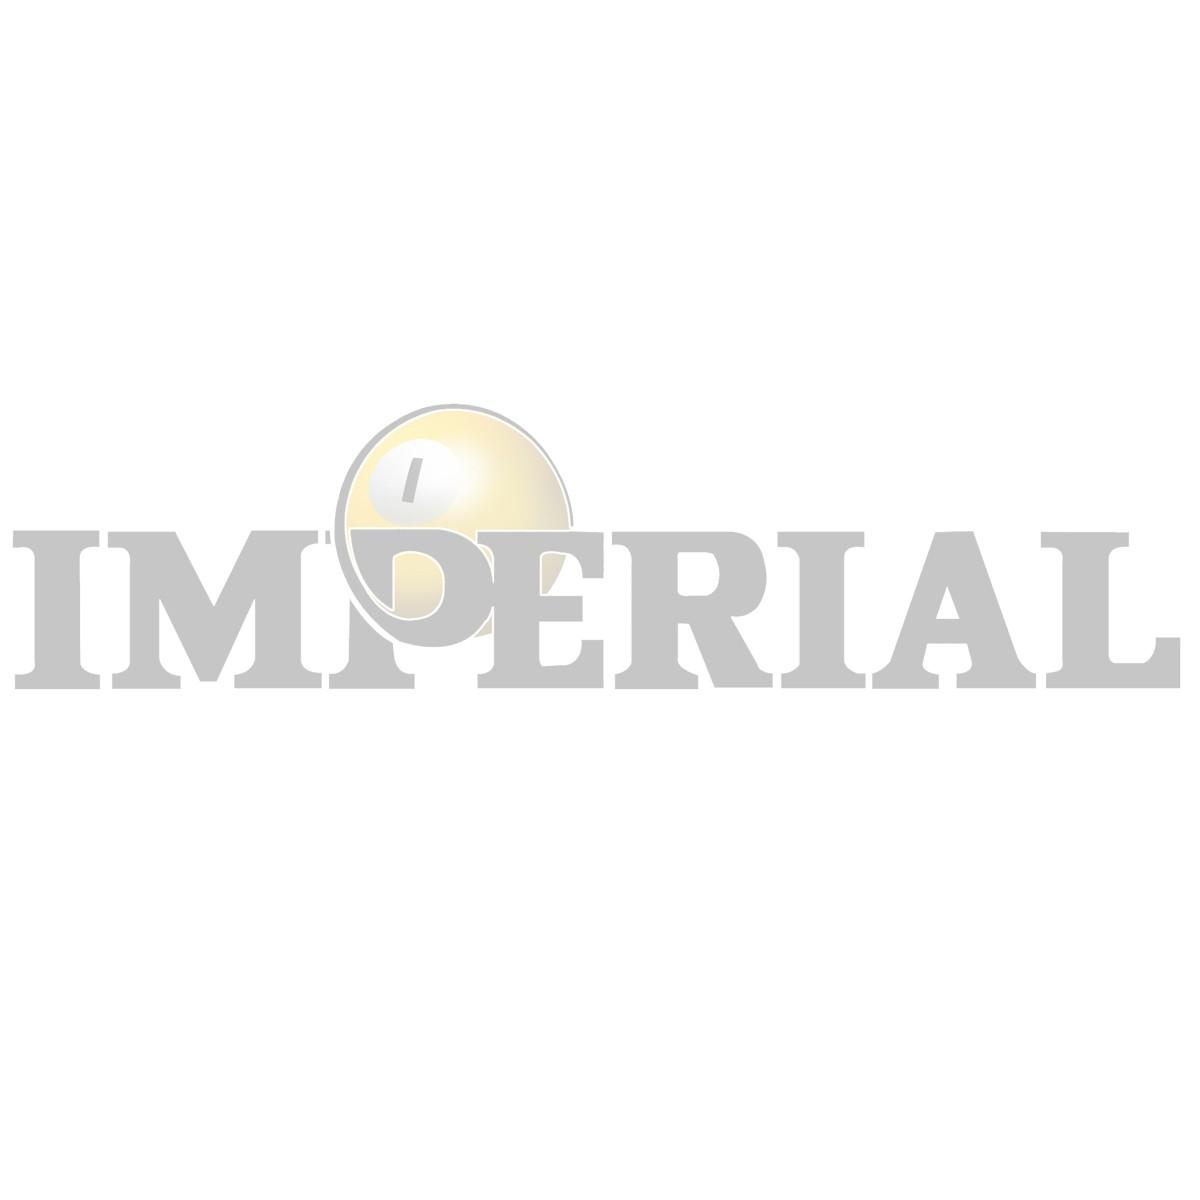 Kansas City Chiefs 9-foot Billiard Cloth